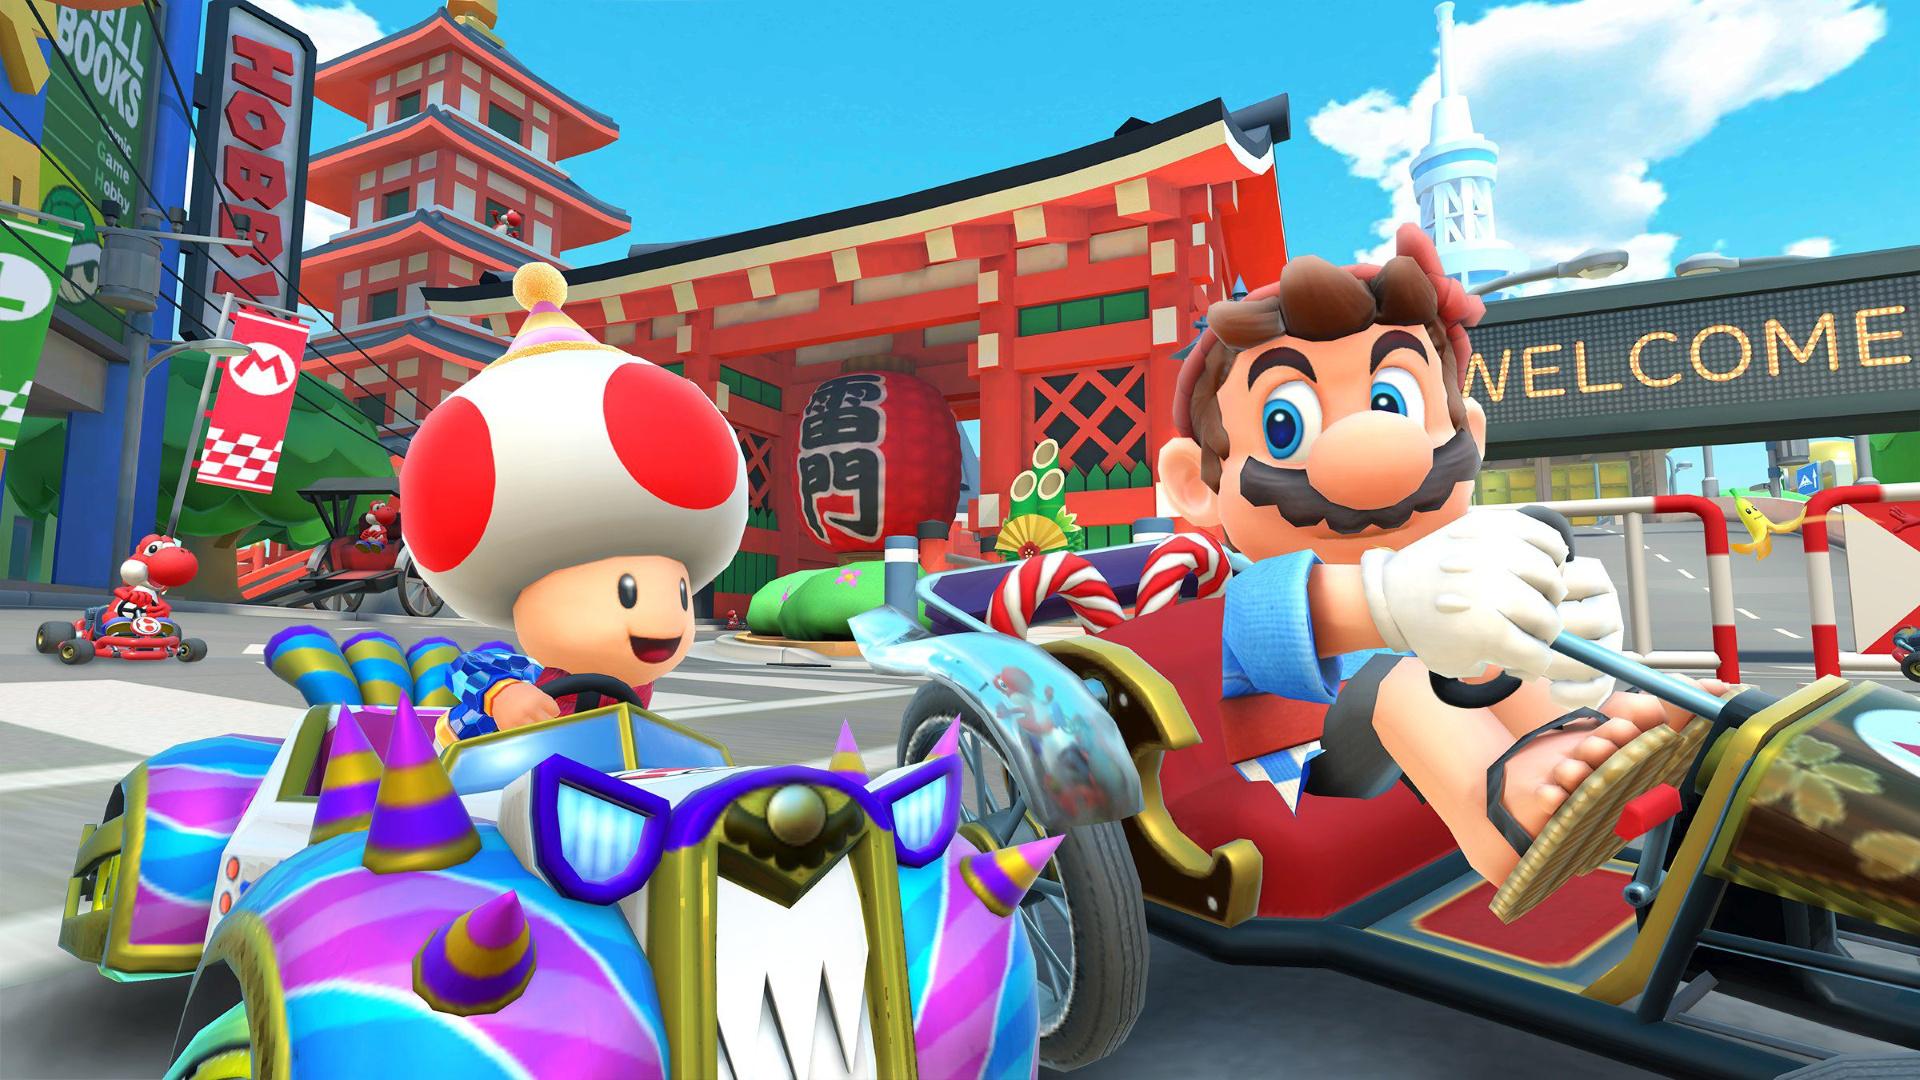 СМИ: Nintendo разочарована финансовыми результатами своих мобильных игр